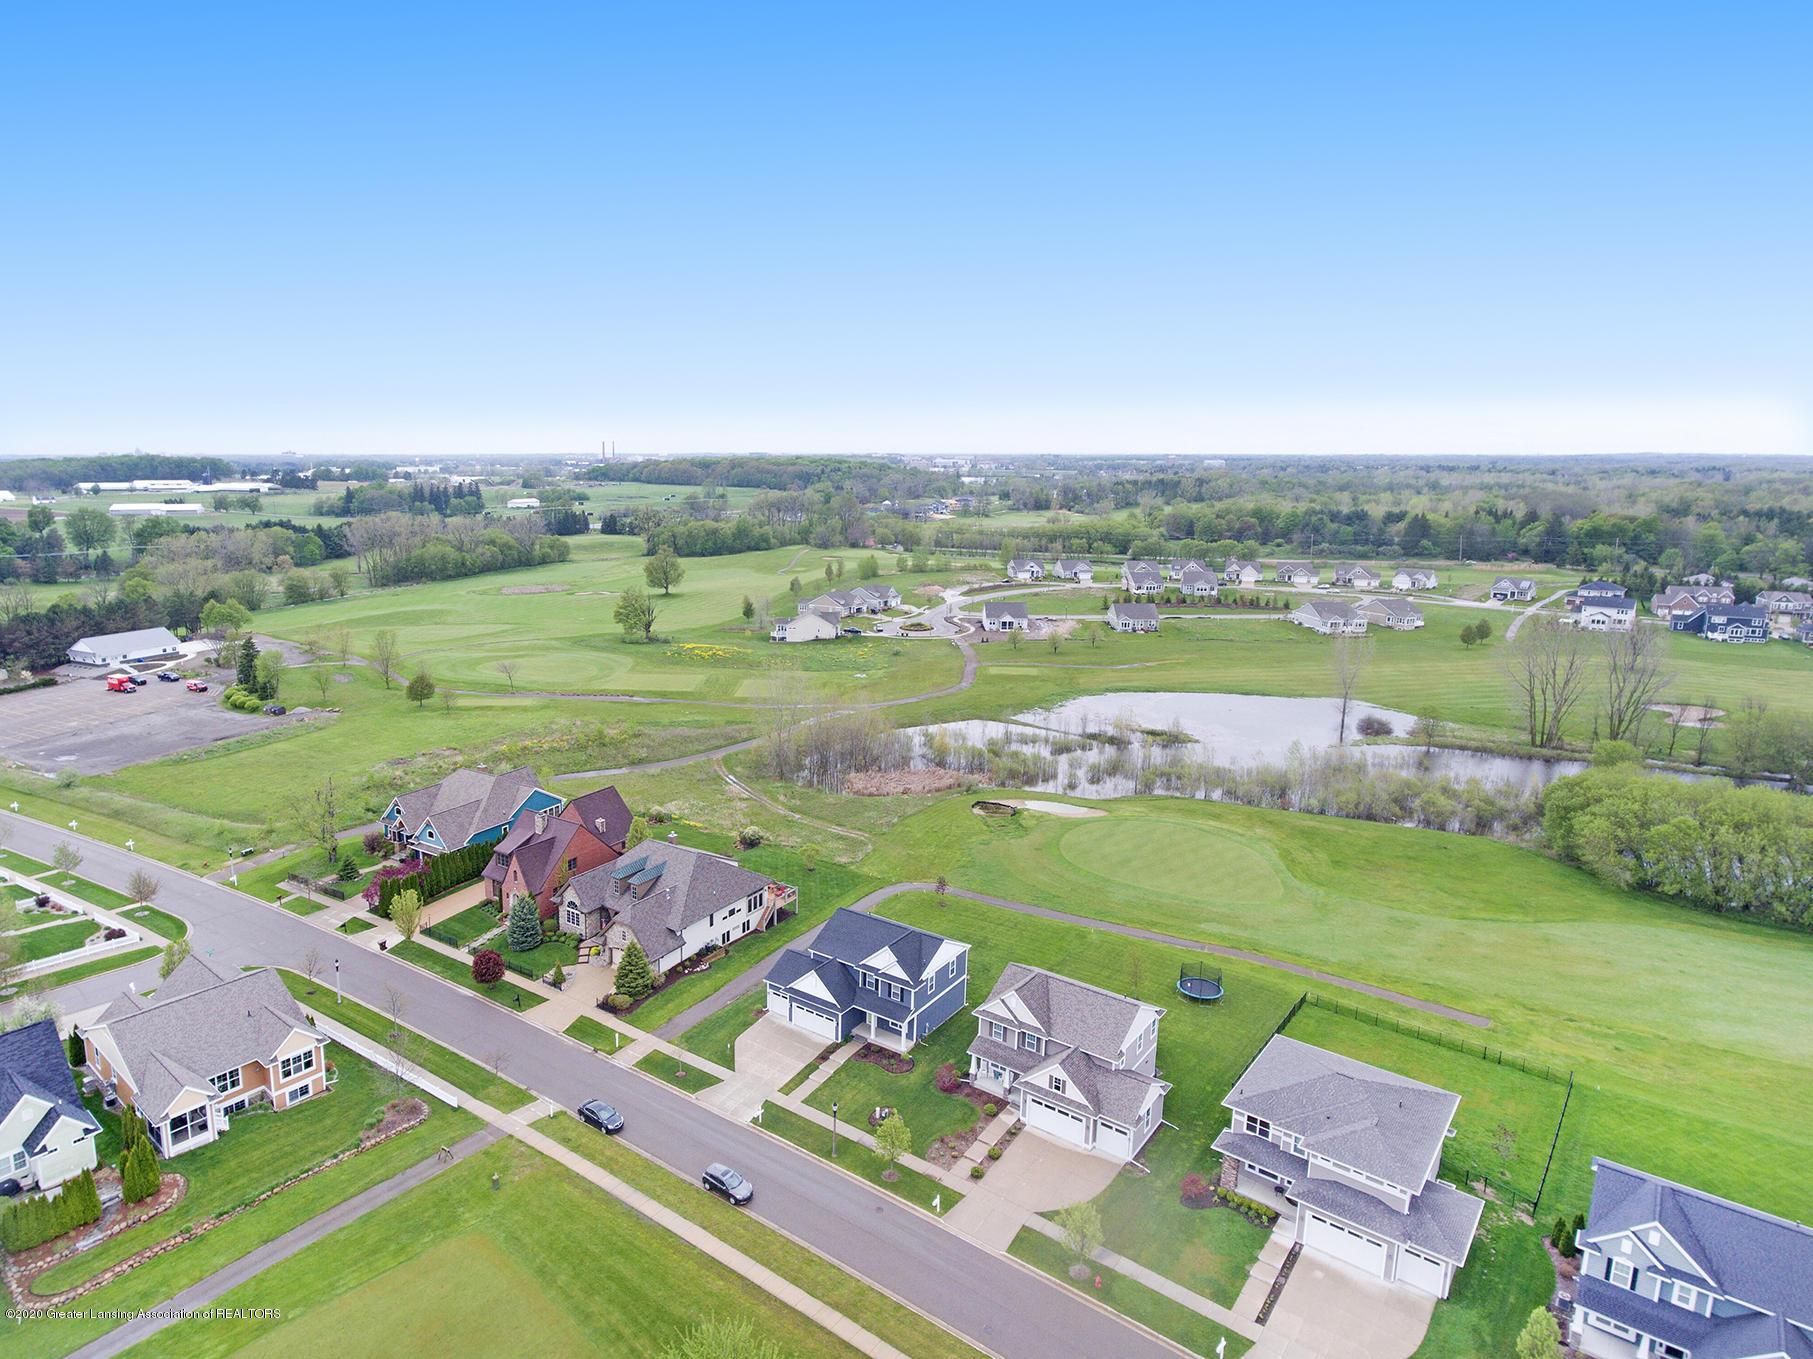 2818 Kittansett Dr - Aerial View - 67